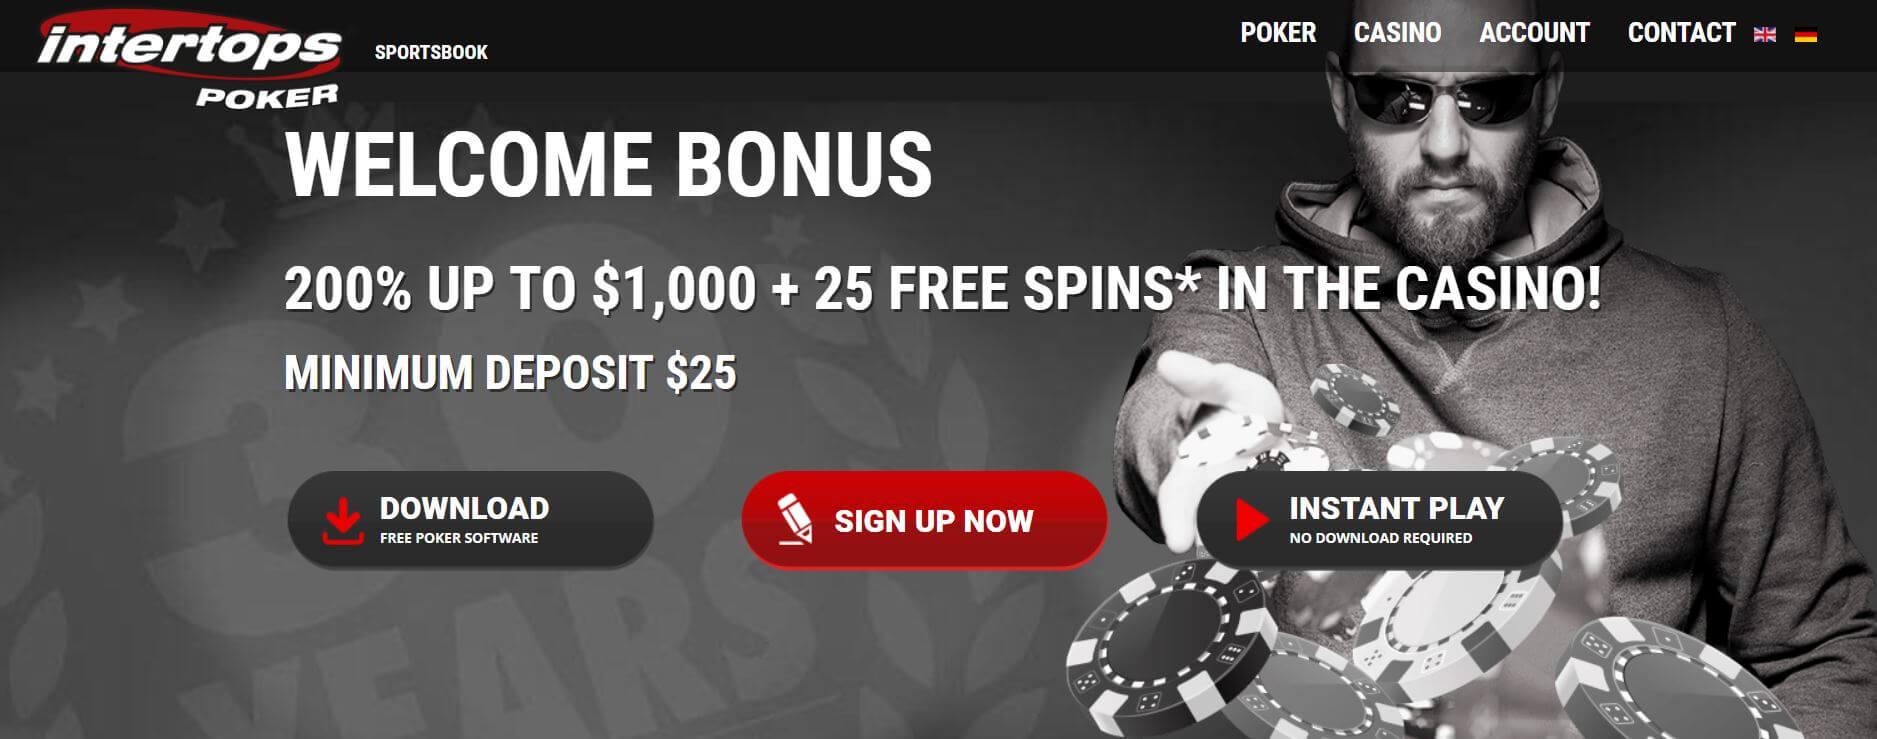 Intertops Poker Bonus The Best Intertops Poker Bonus Codes